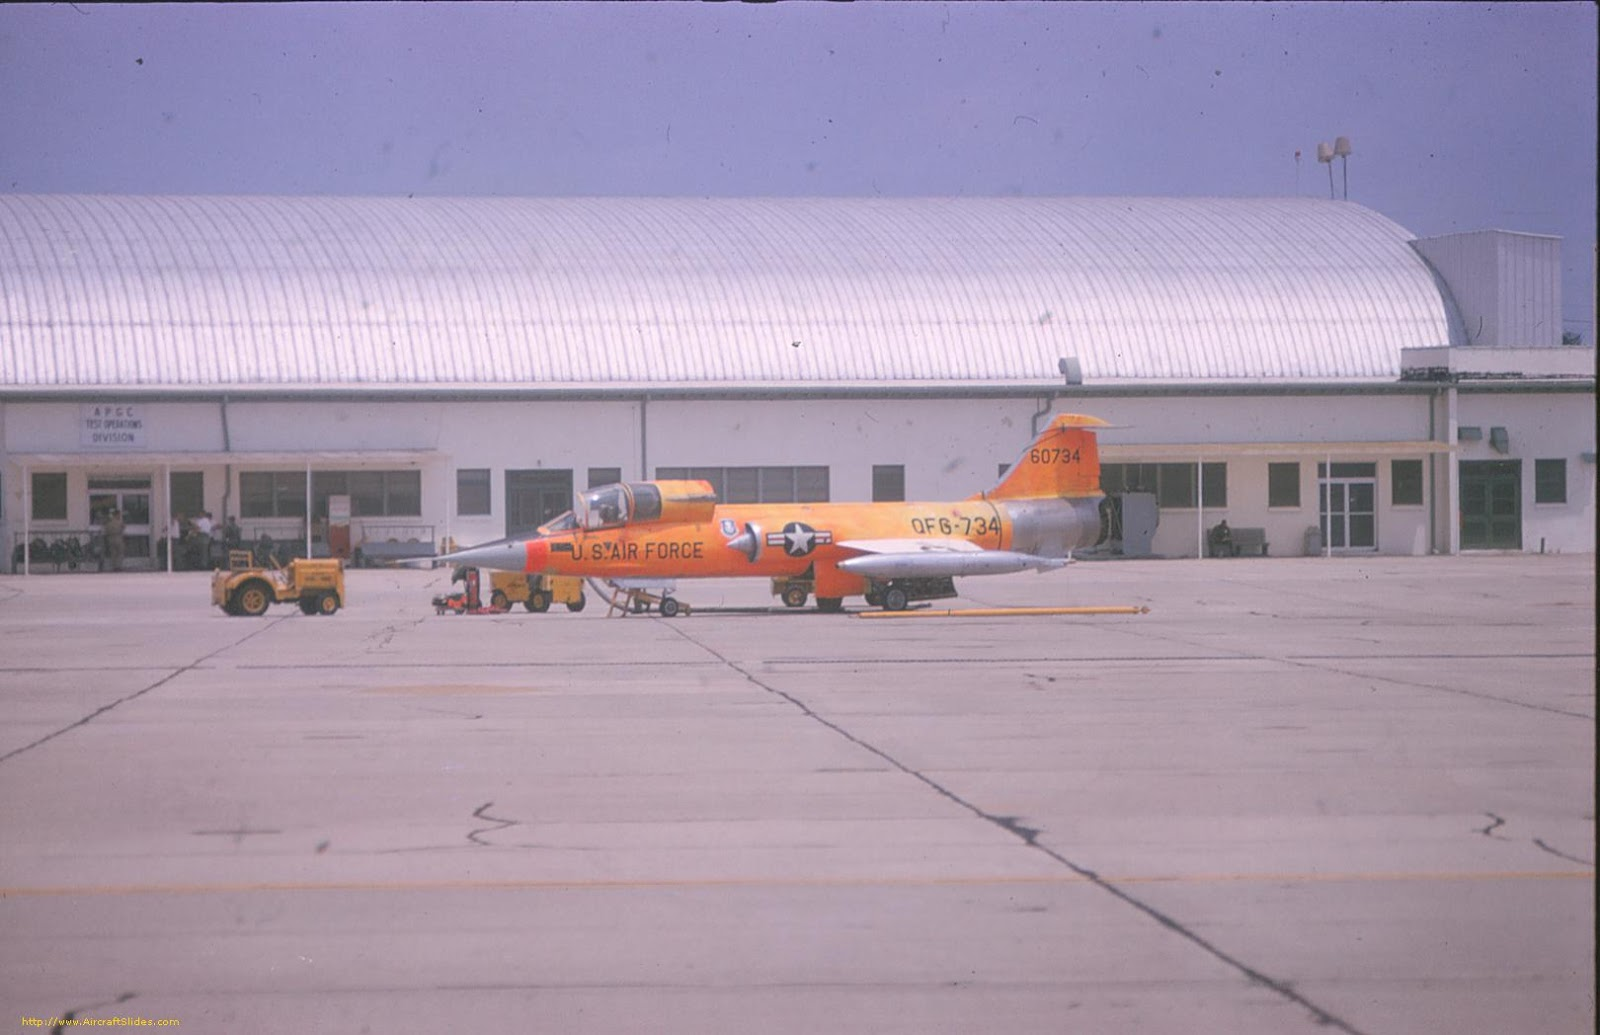 http://1.bp.blogspot.com/-KEOx5CzG8WY/UHNH2ZC8VYI/AAAAAAAAMBs/UGHjFmoRAAw/s1600/F-104A+USAF+QFG-734+FINALES+50S.jpg